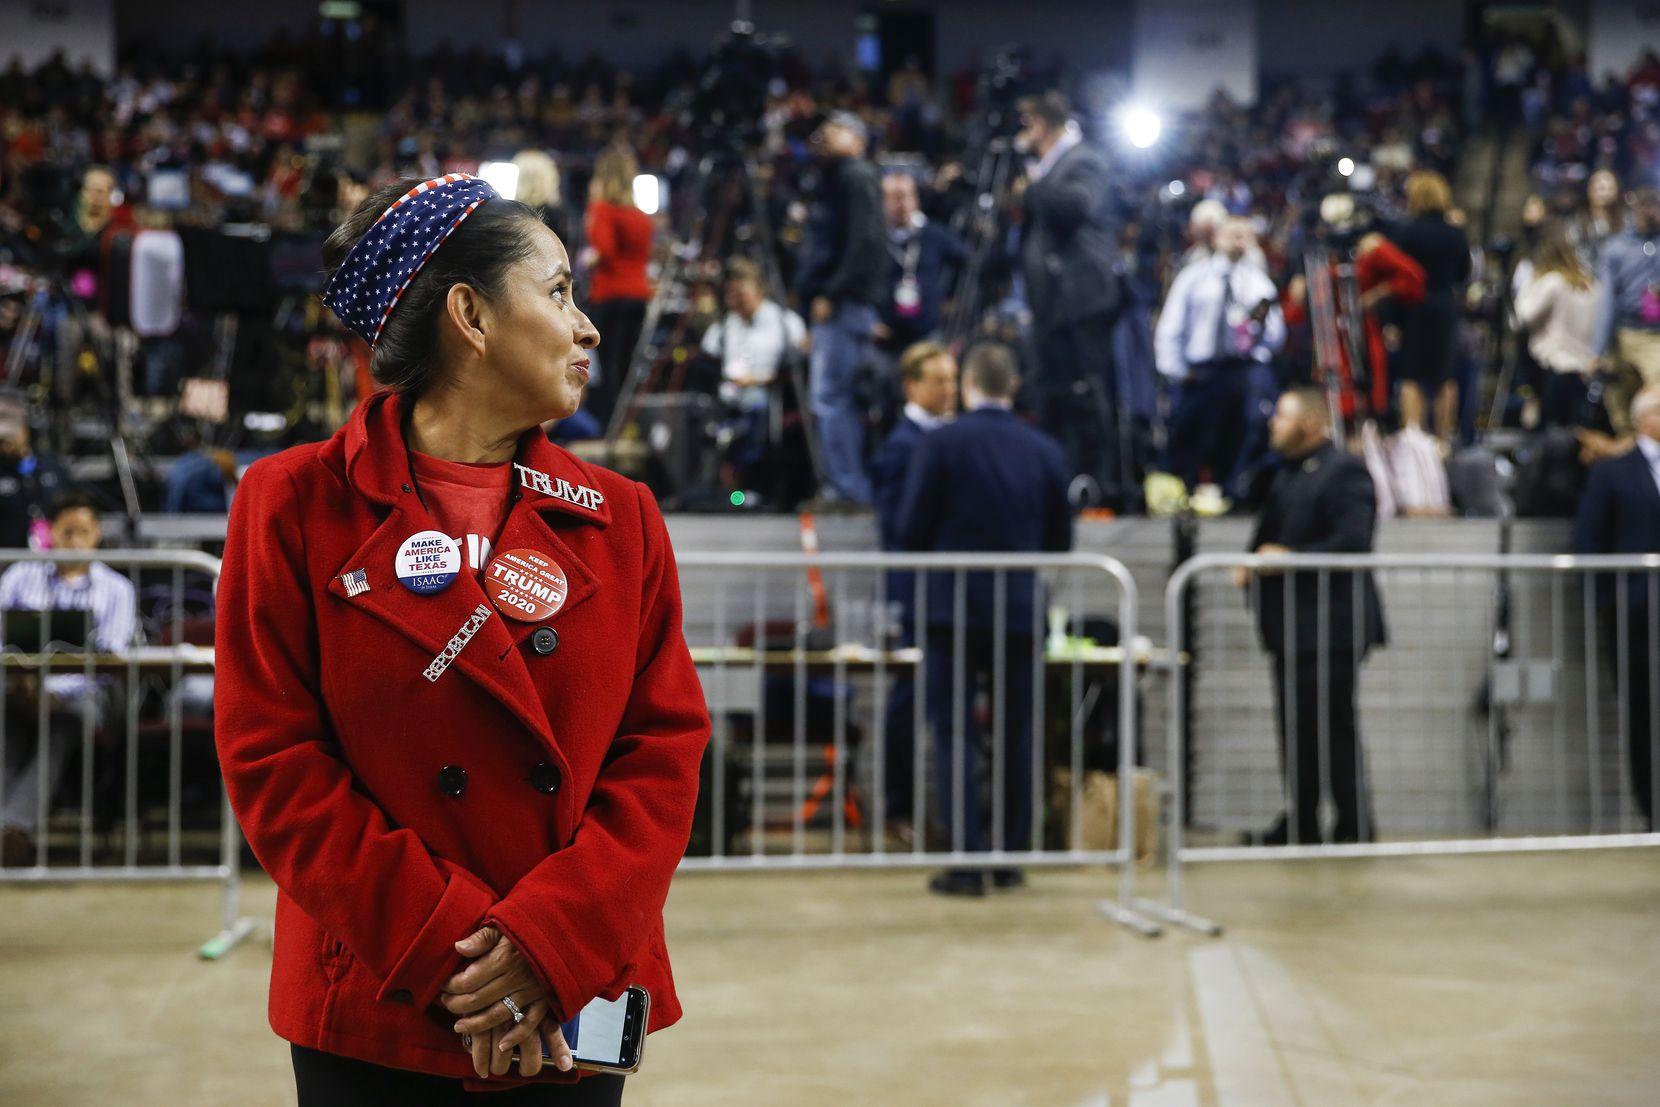 Avec des membres de la presse en arrière-plan, Martha Doss attendait l'arrivée du président Donald Trump lors d'une réélection en novembre à Bossier City.